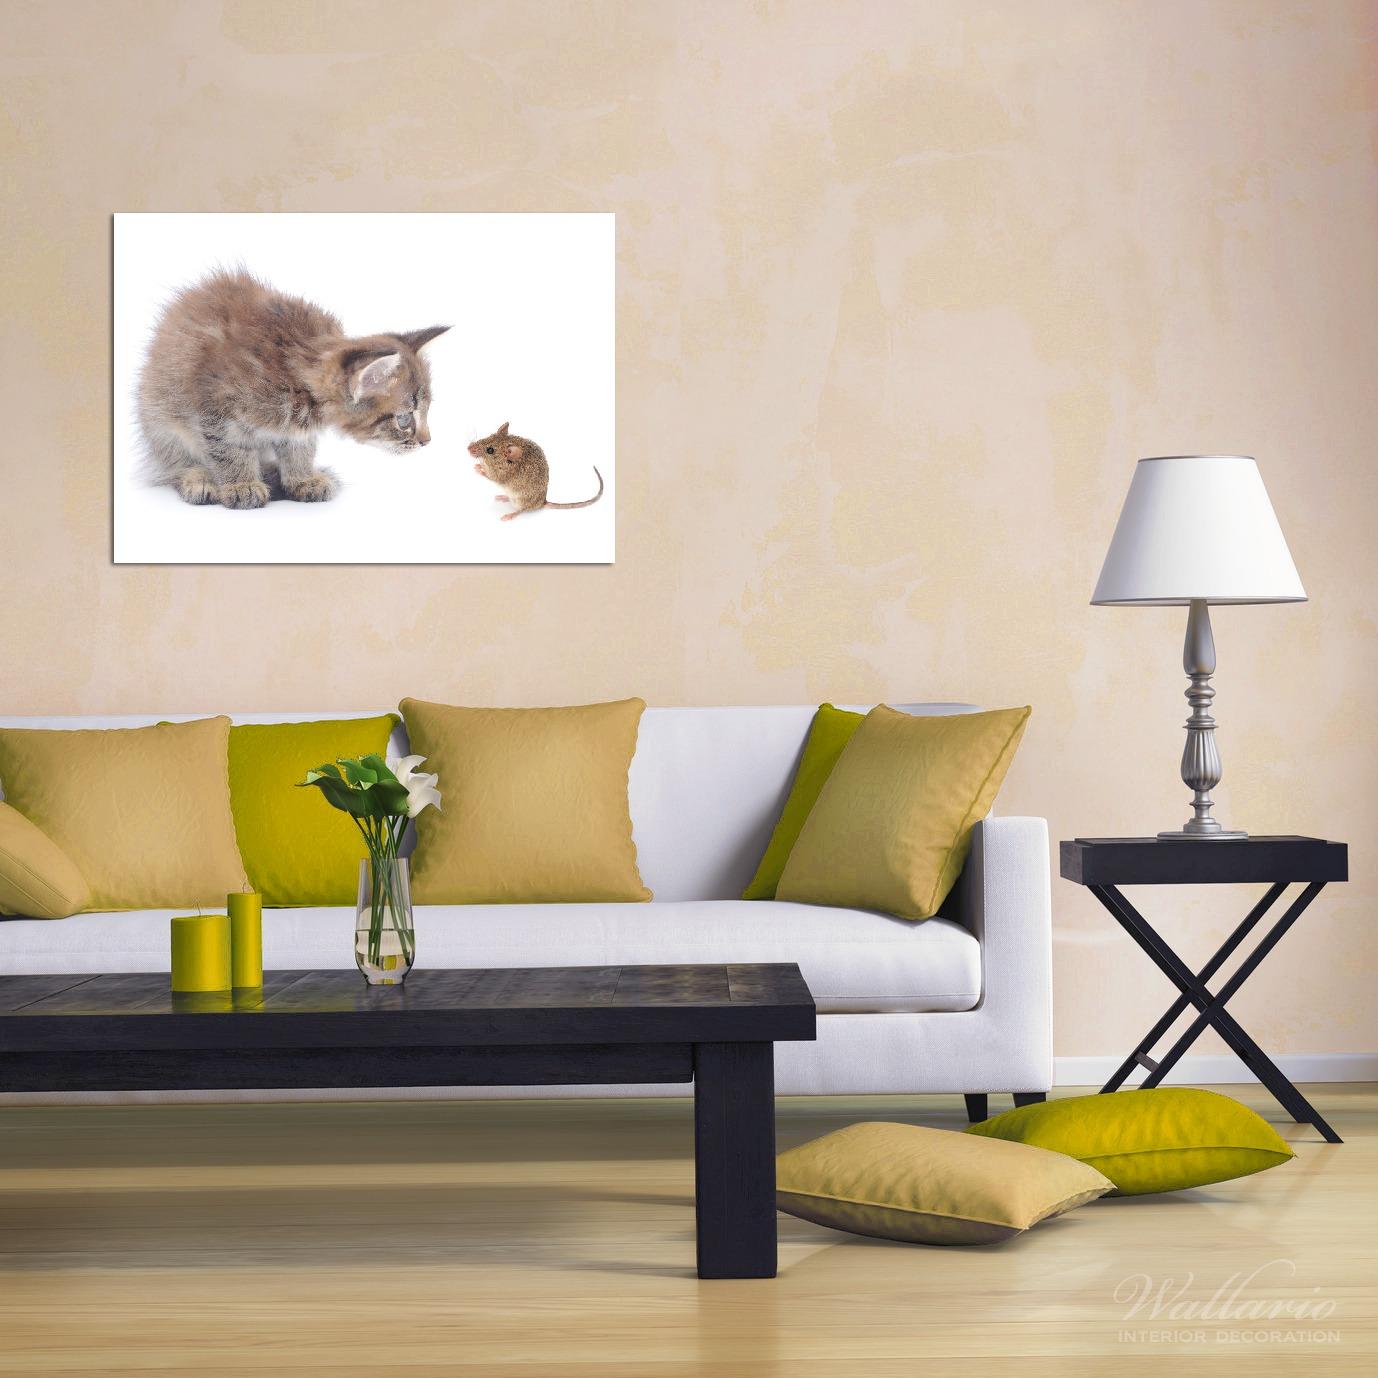 Wandbild Katze und Maus beim Spielen - weißer Hintergrund – Bild 2